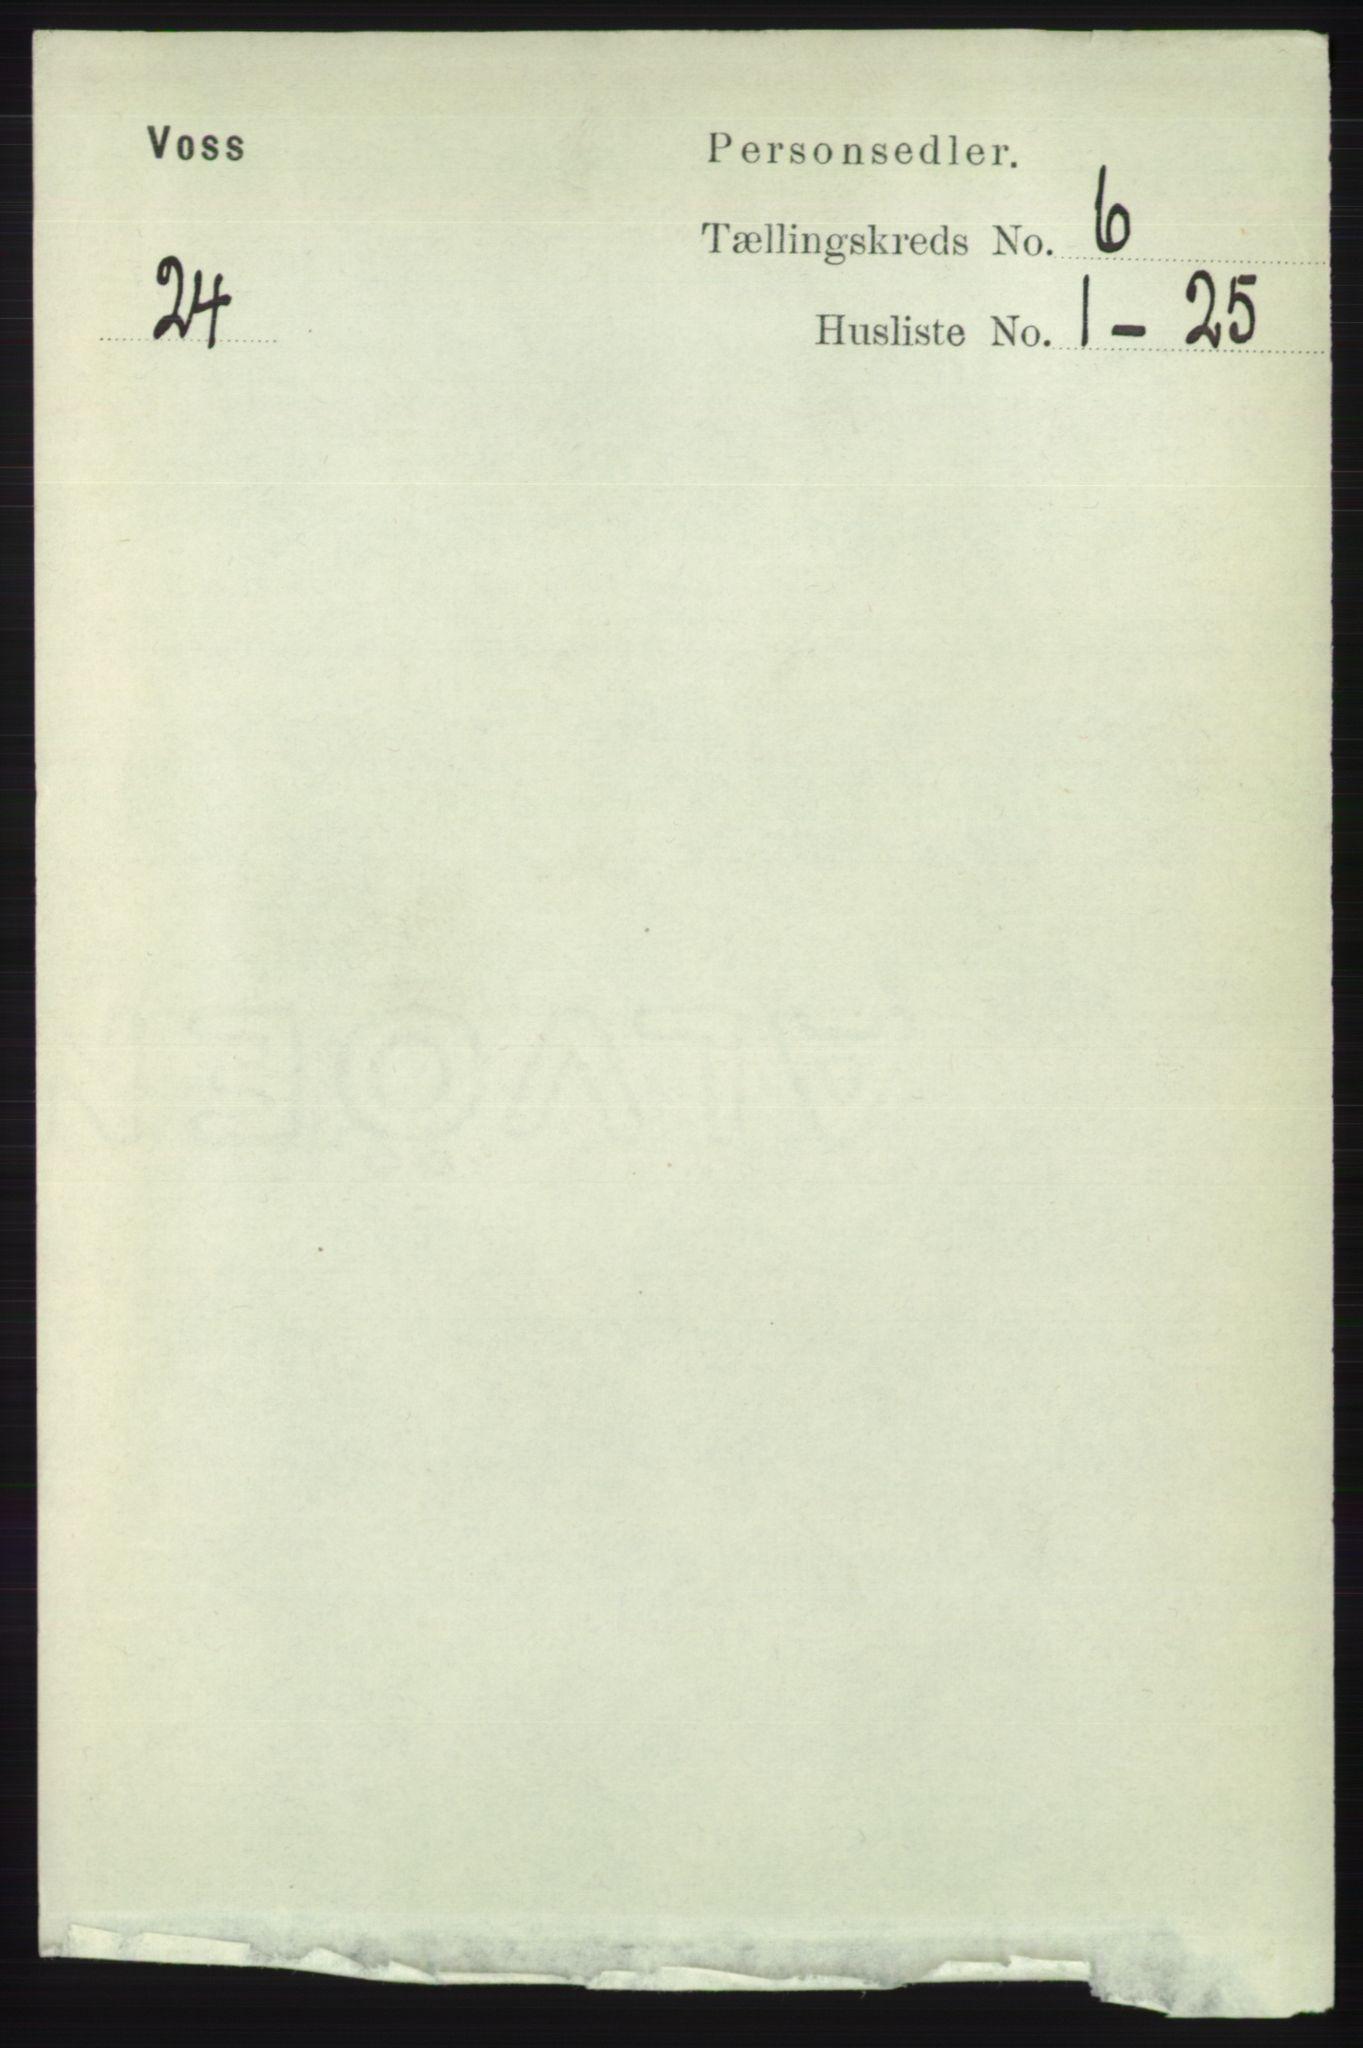 RA, Folketelling 1891 for 1235 Voss herred, 1891, s. 3289